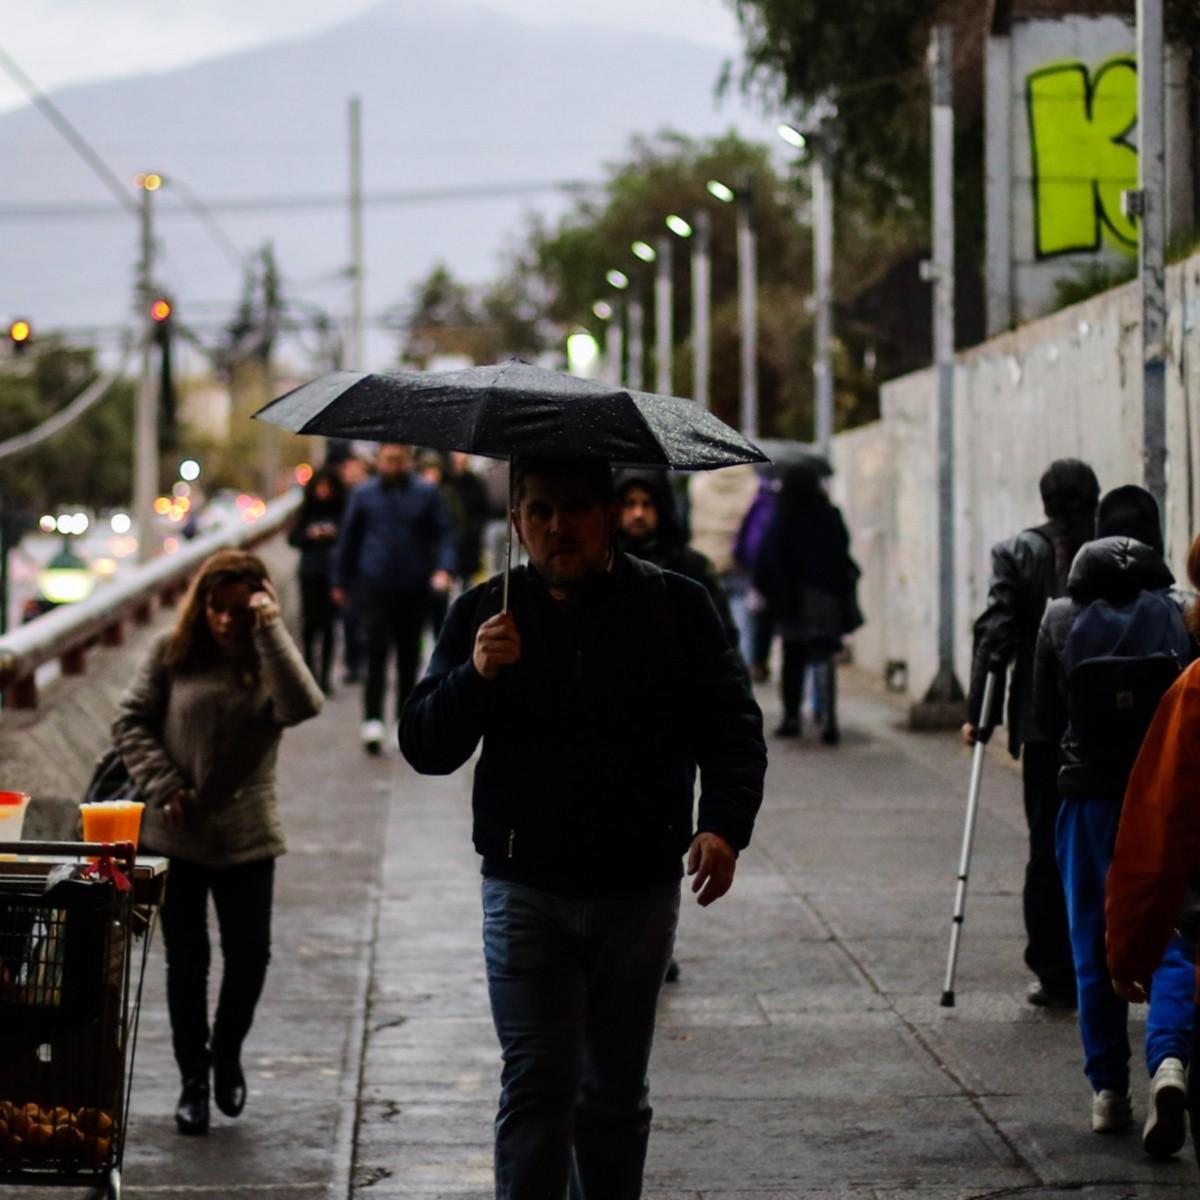 Lluvias Lluvias En Santiago A Qué Hora Llueve El Fin De Semana Cuándo Comenzará A Llover En Santiago Redgol